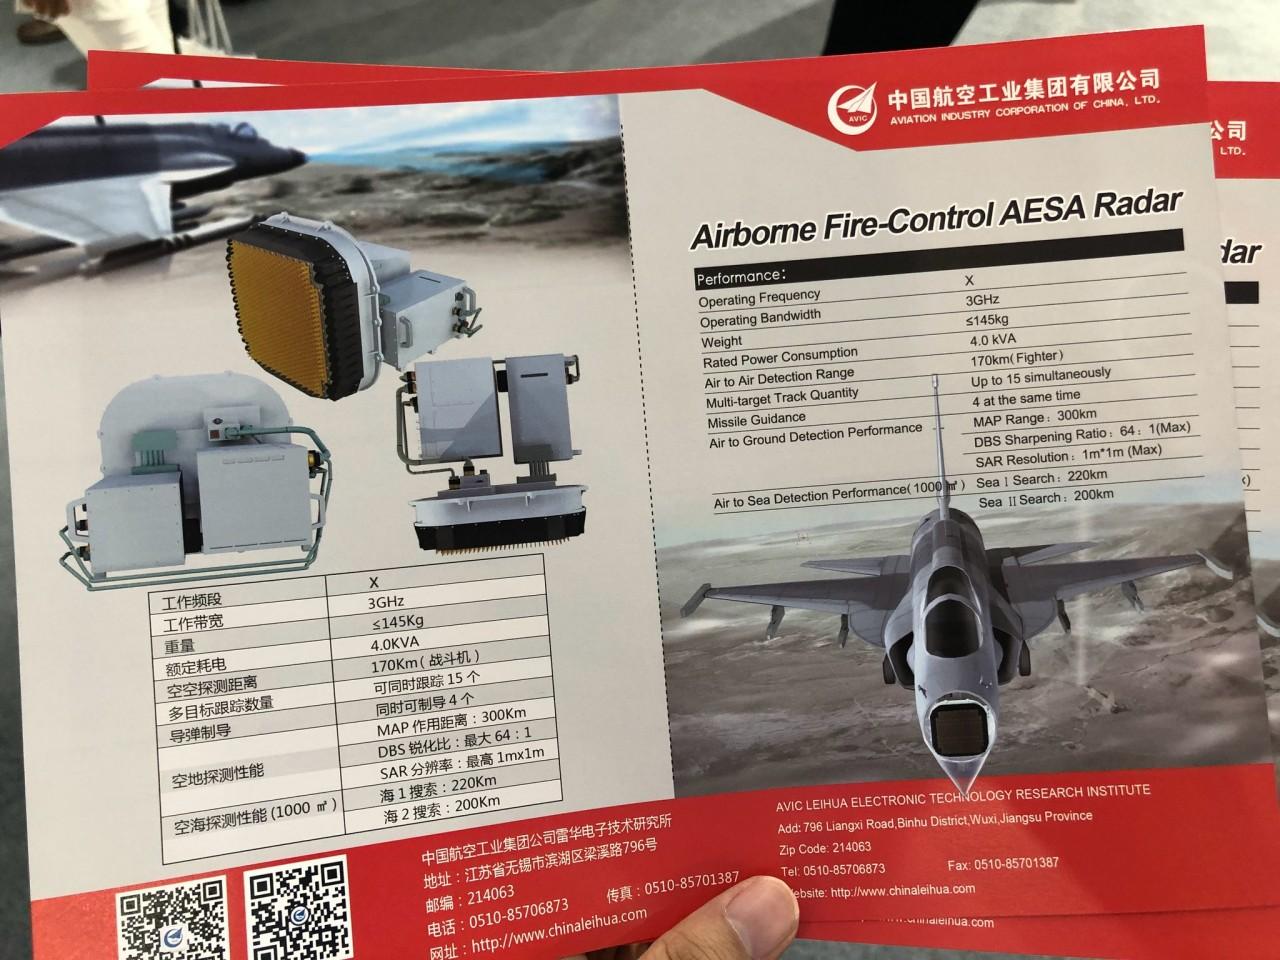 В Китае заявлено о создании первой в мире авиационной РЛС с АФАР с воздушным охлаждением